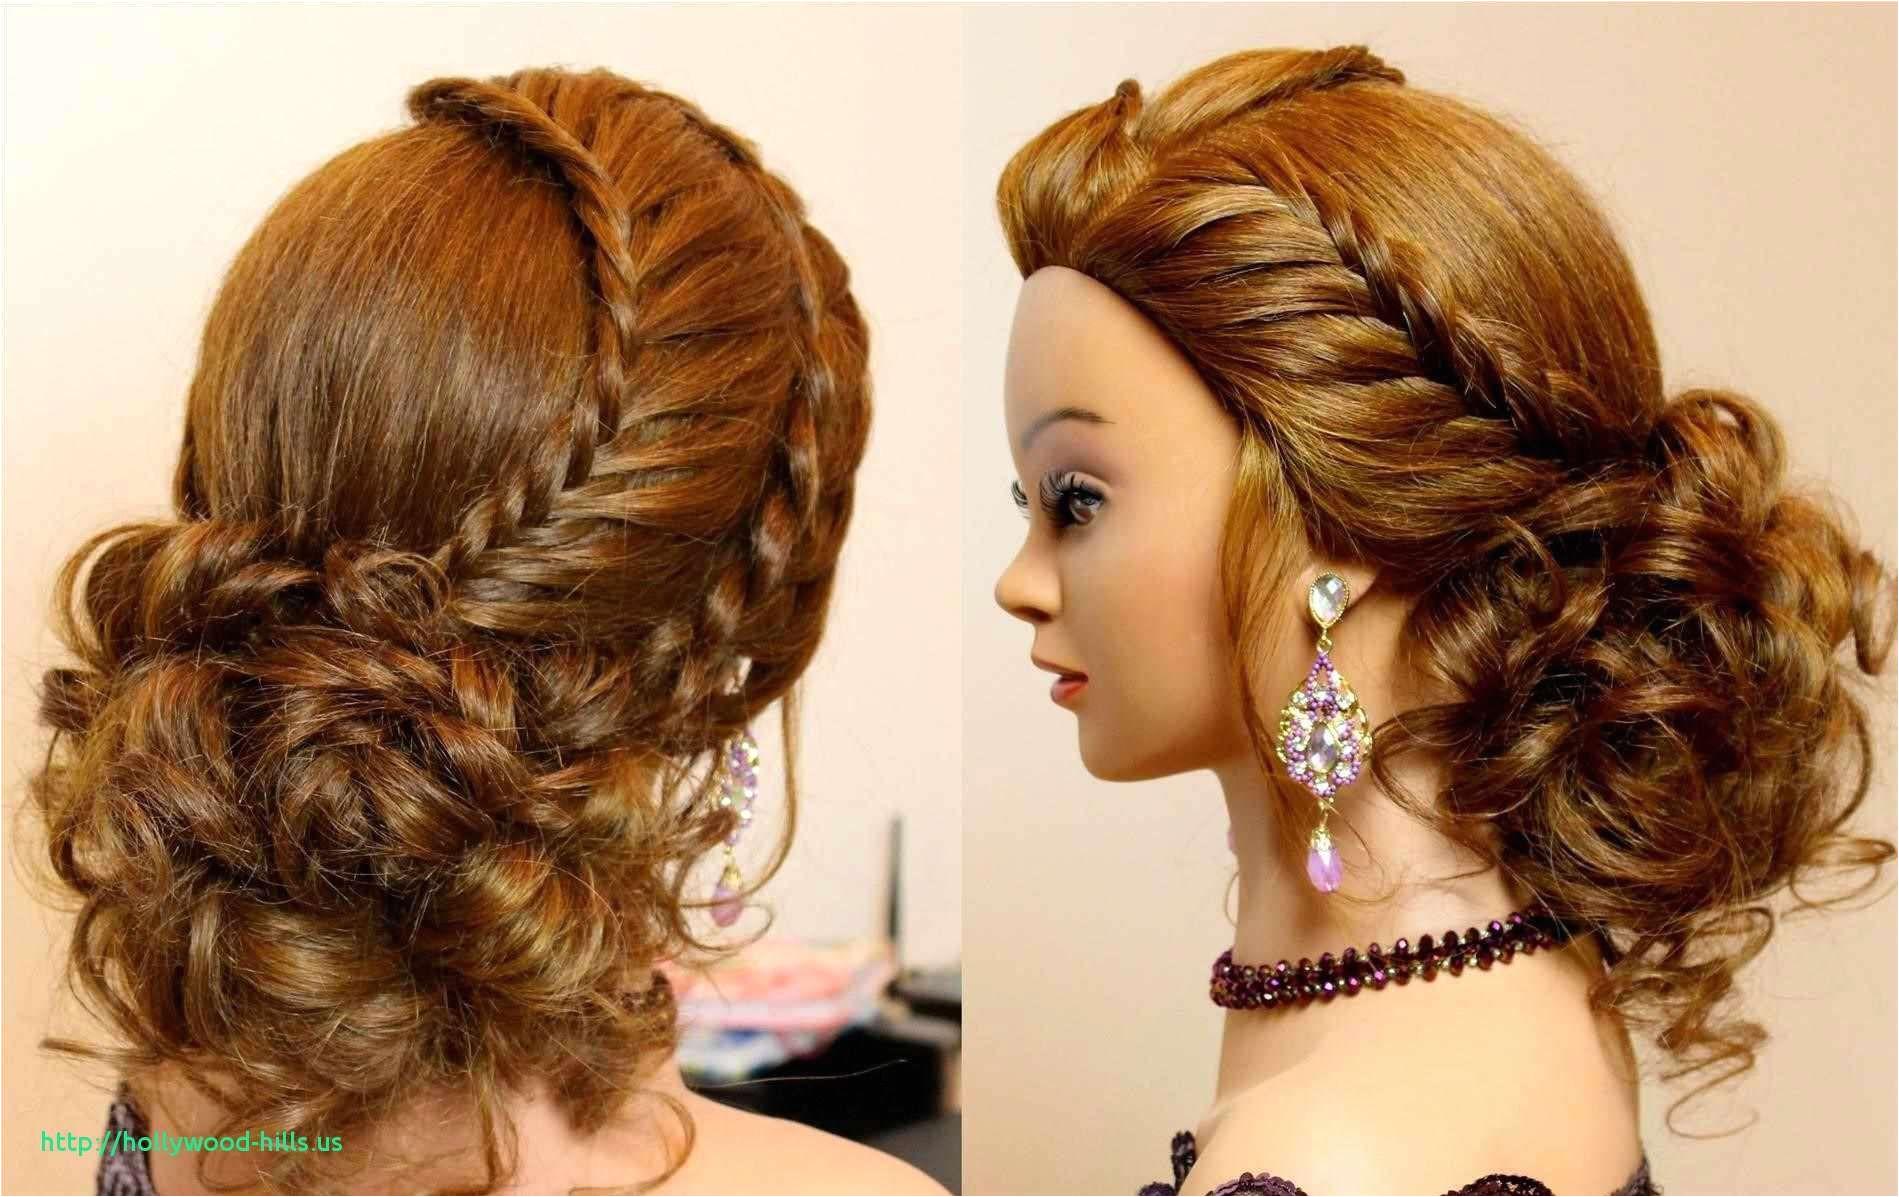 Easy Hairstyles Dailymotion In Urdu Bun Hairstyles for Short Hair Dailymotion – SkyLine45